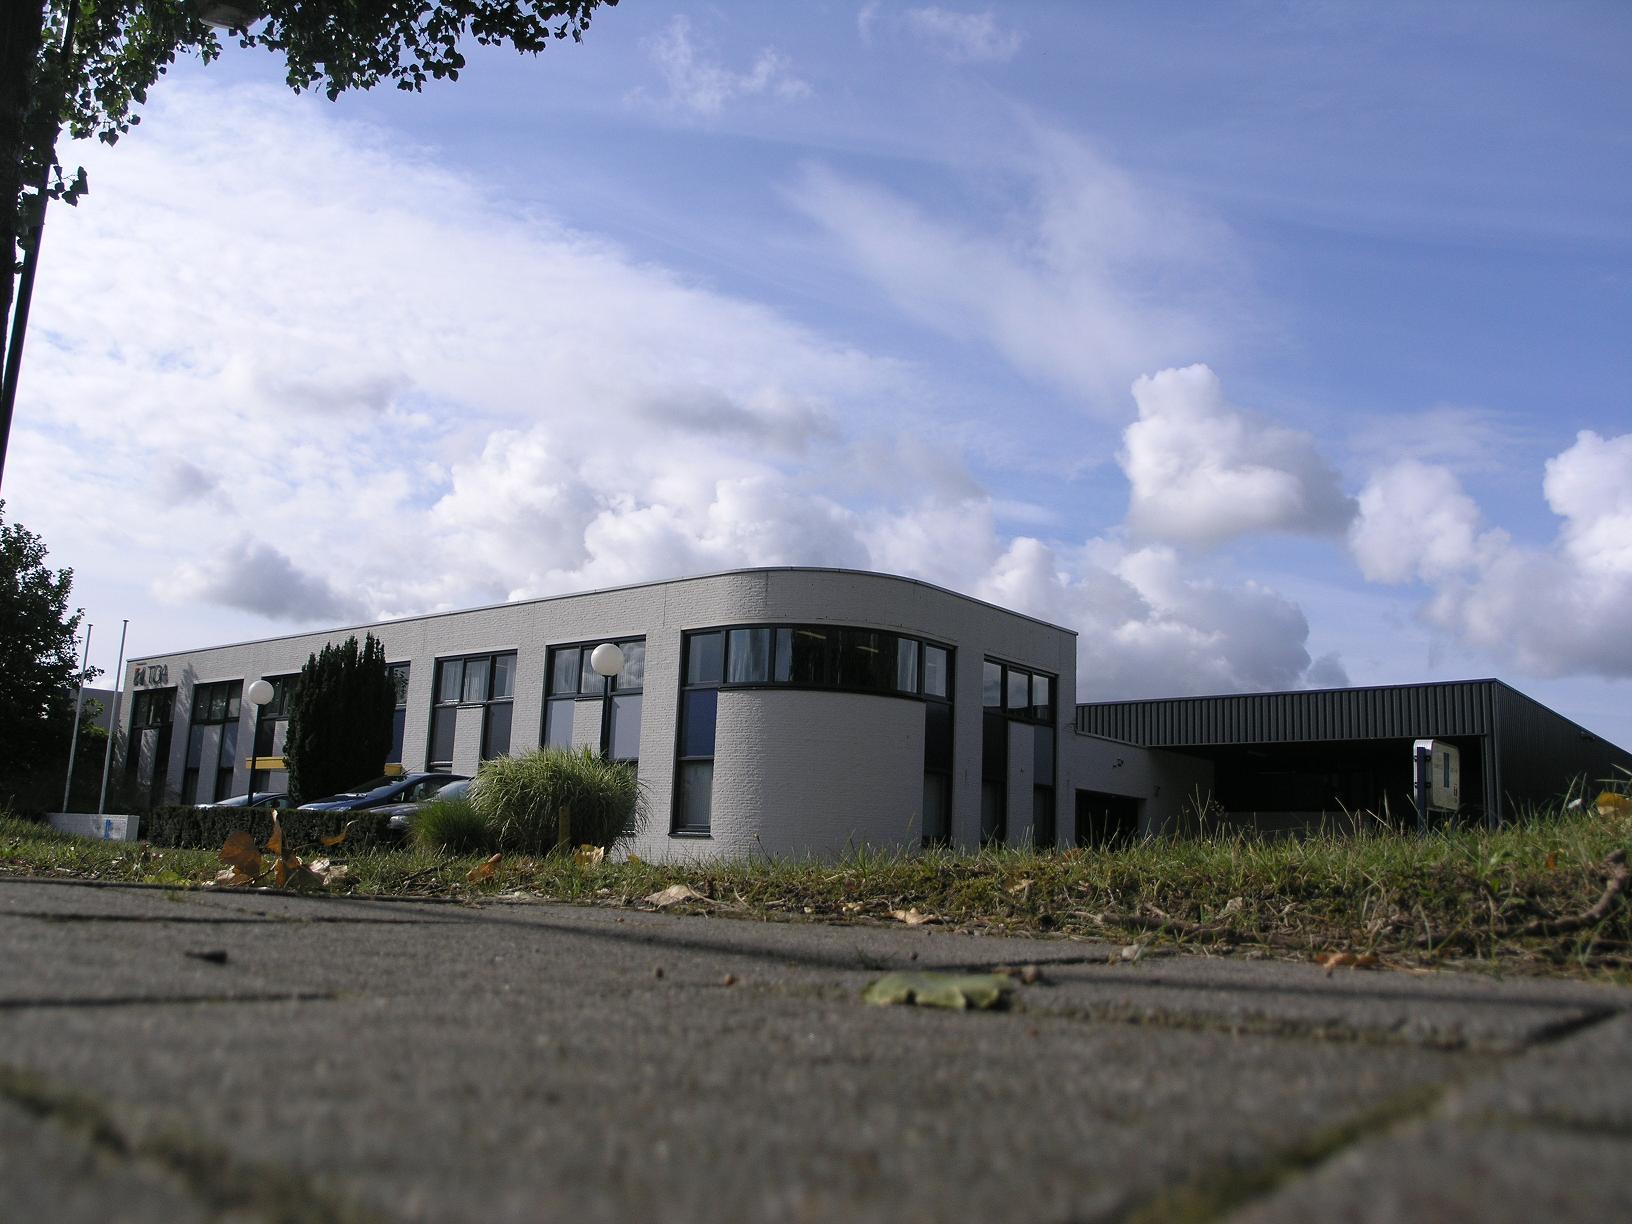 Houten - Meidoornkade